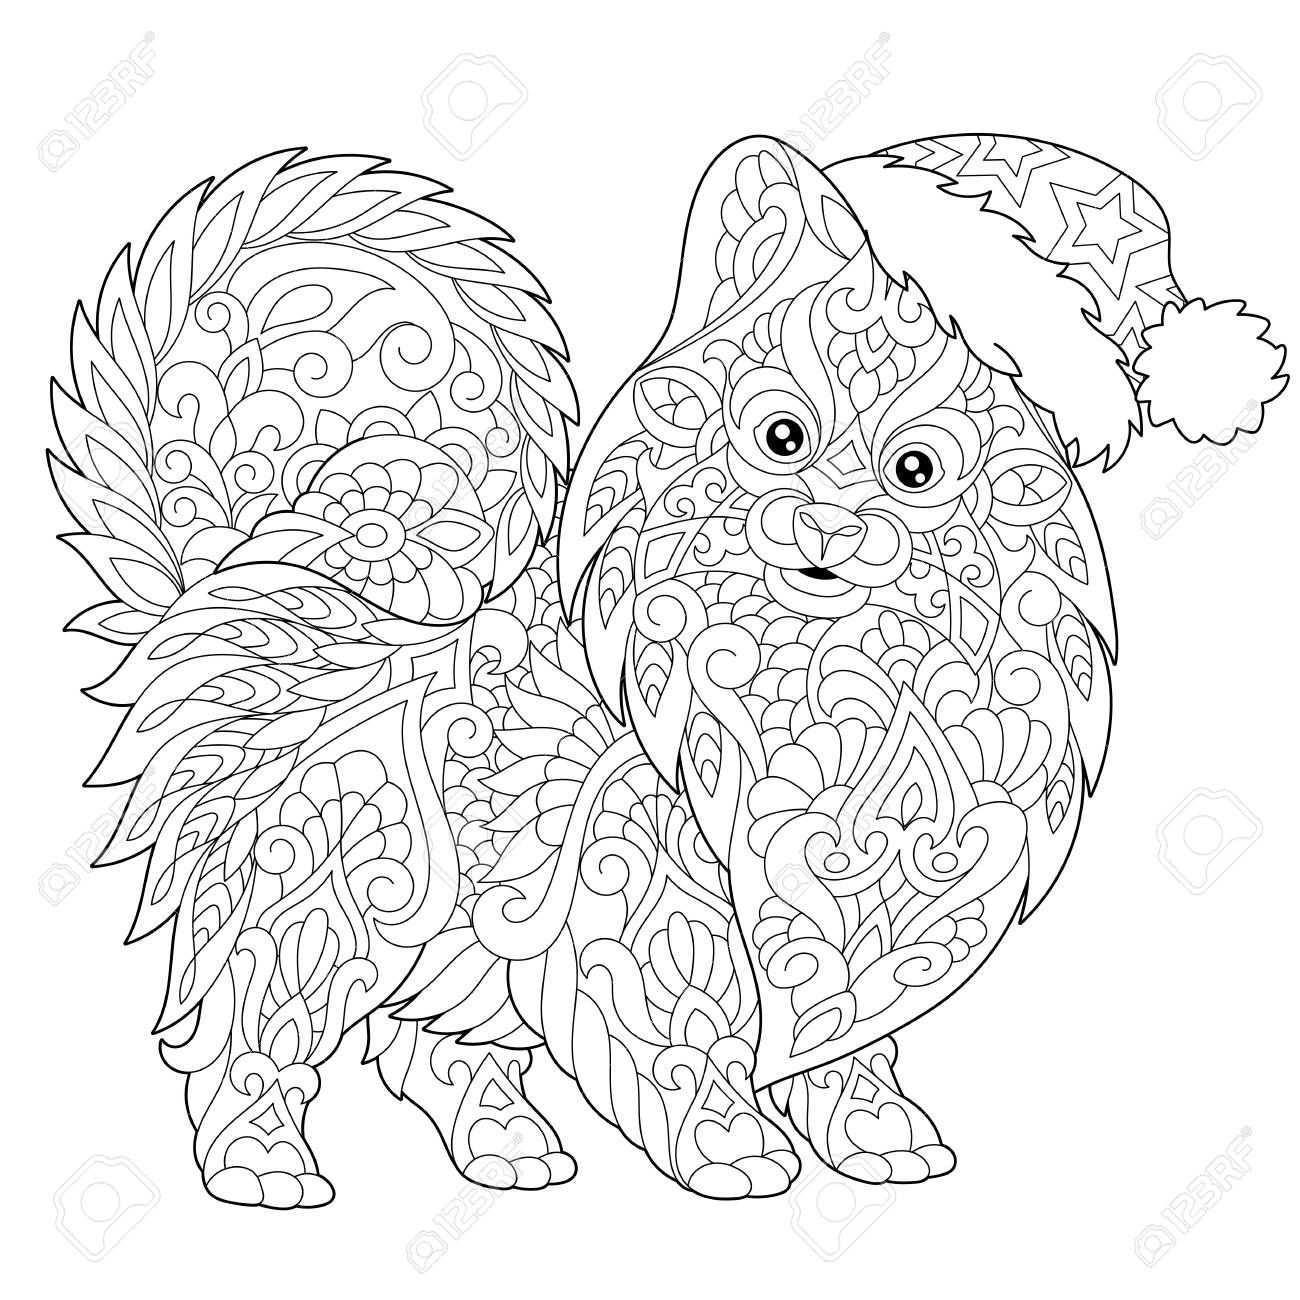 Kleurplaat Van Pommeren Honden Symbool Van 2018 Chinees Nieuwjaar Schets Tekening Uit De Vrije Hand Voor Merry Christmas Wenskaart Of Volwassen Antistress Kle Kleurboek Kleurplaten Dieren Kleurplaten